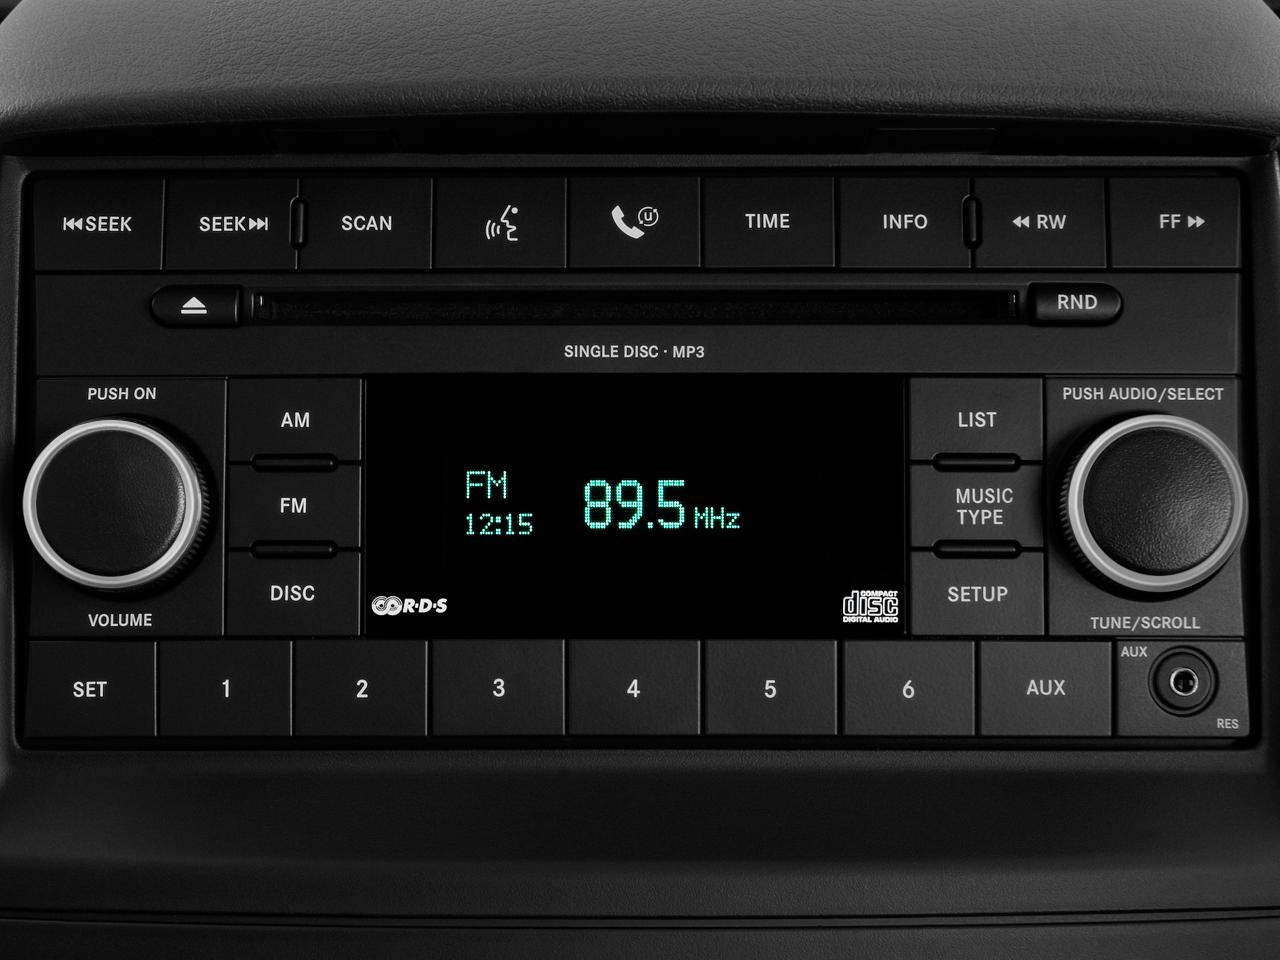 2009 Dodge Grand Caravan SXT 3.8 - Dodge Minivan Review - Automobile ...